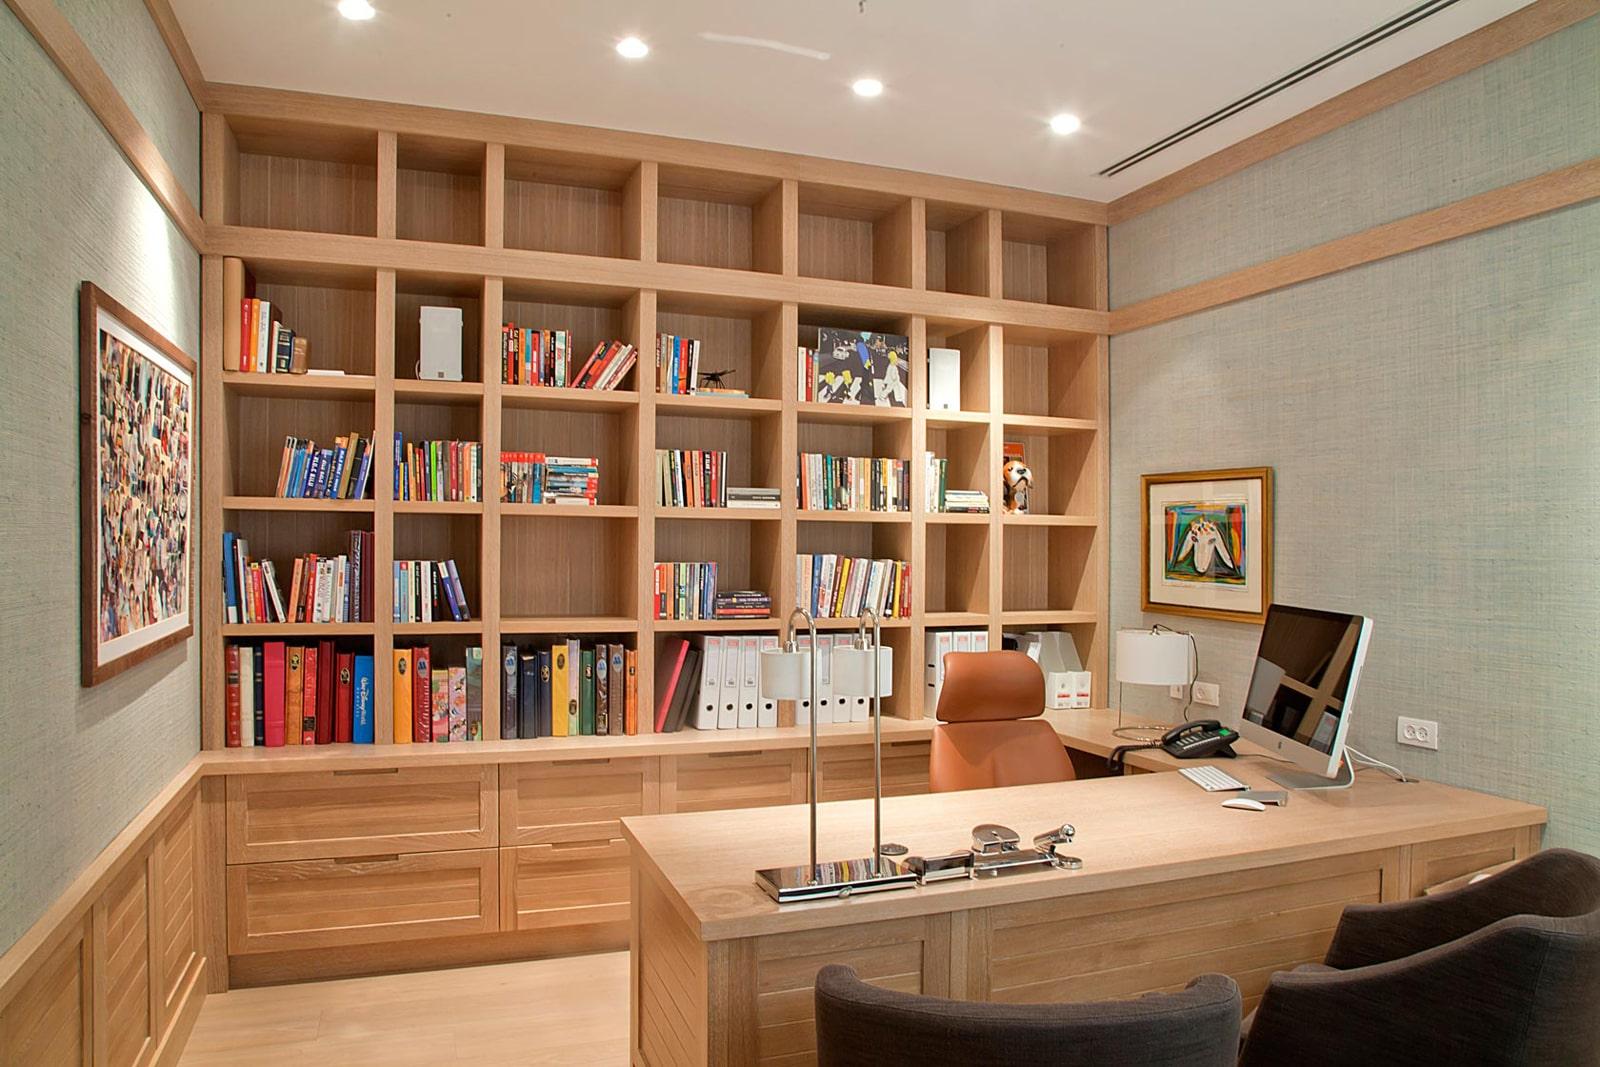 חדר שולחן עבודה כתיבה ספרייה ספריה אלון אירופאי דלתות מסגרת עץ ידית אינטגרלית